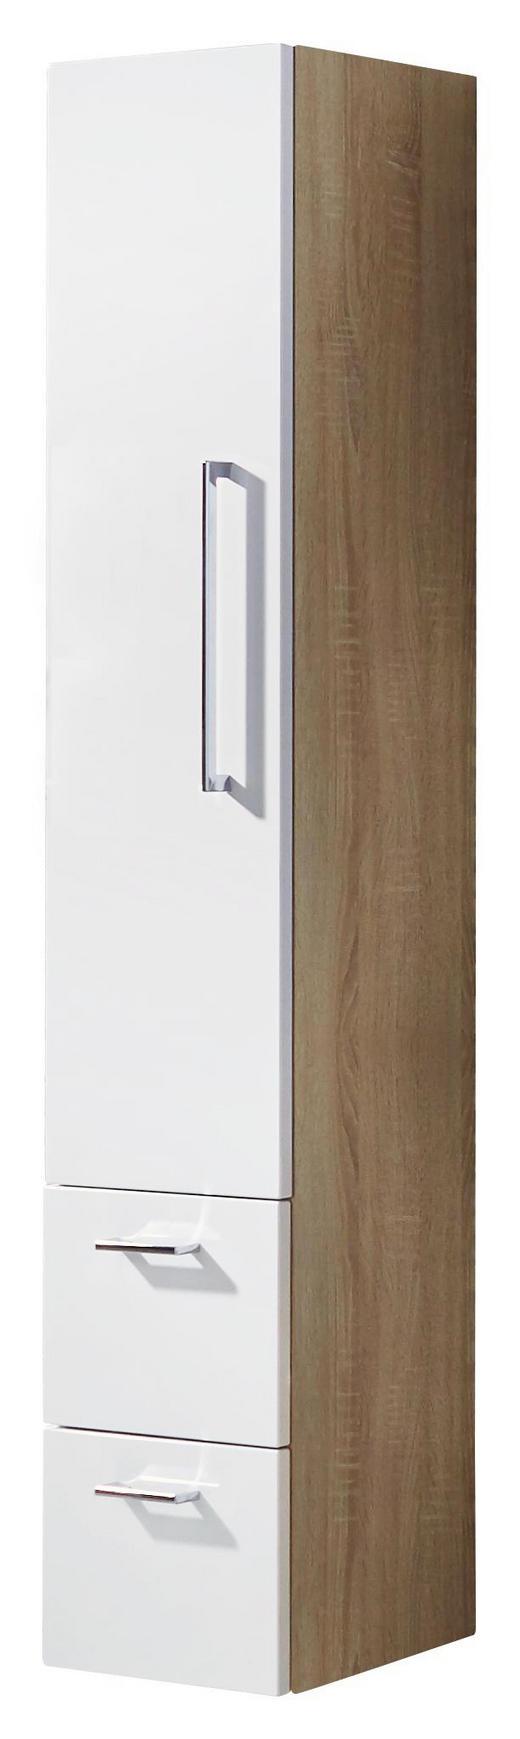 HOCHSCHRANK Weiß - Chromfarben/Eichefarben, KONVENTIONELL, Glas/Holzwerkstoff (30/160/30cm) - NOVEL